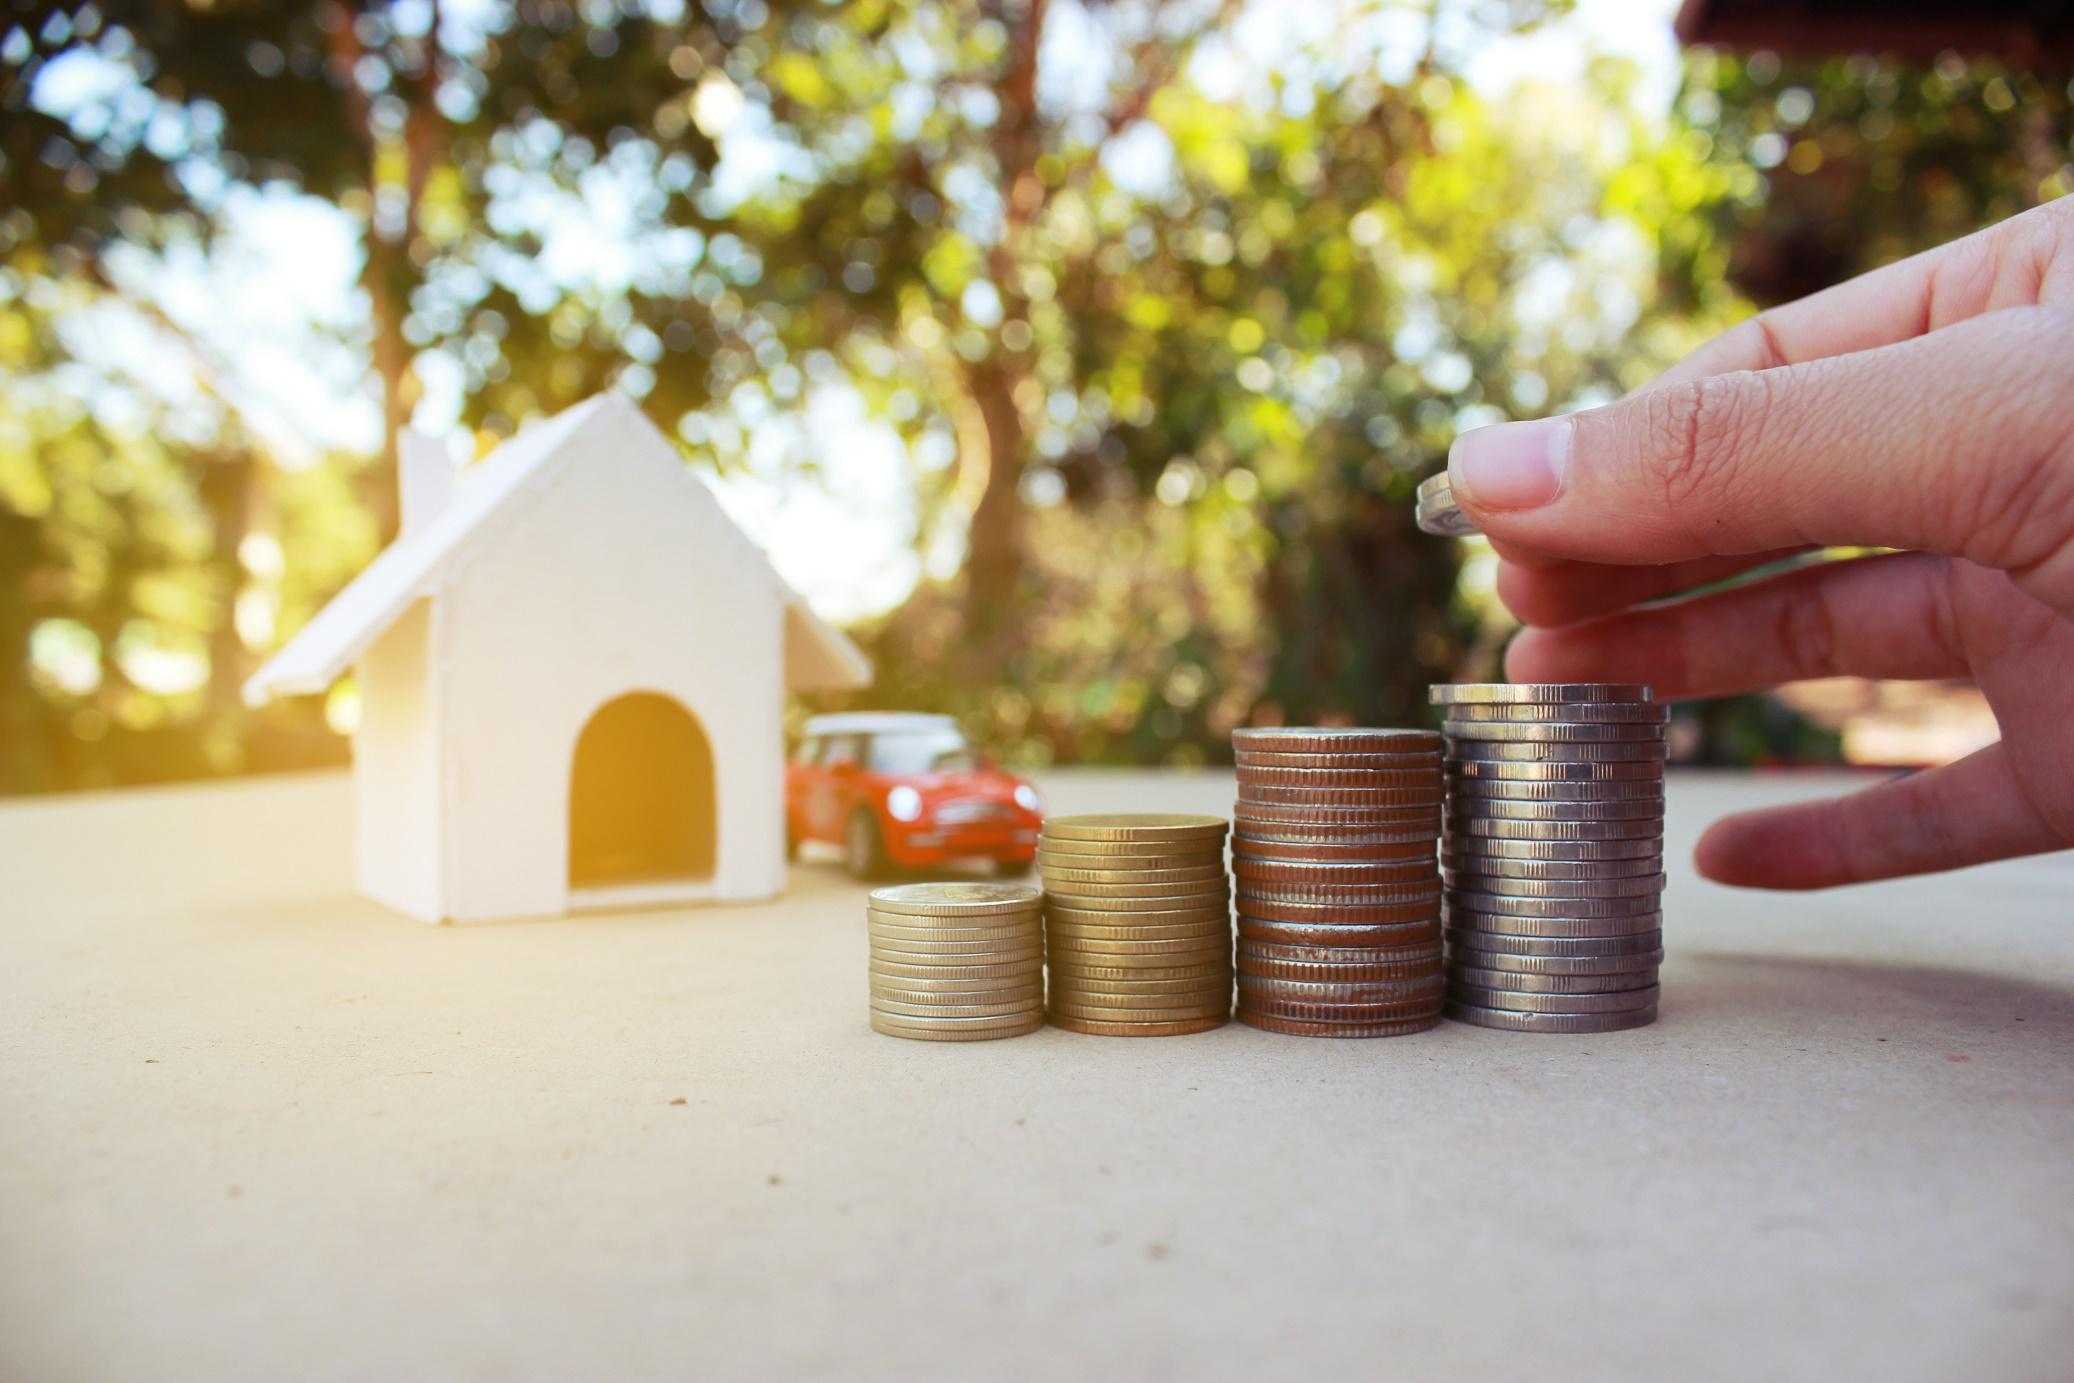 Contributi per acquisto prima casa 42 in 4 anni lotta - Onorari notarili acquisto prima casa ...